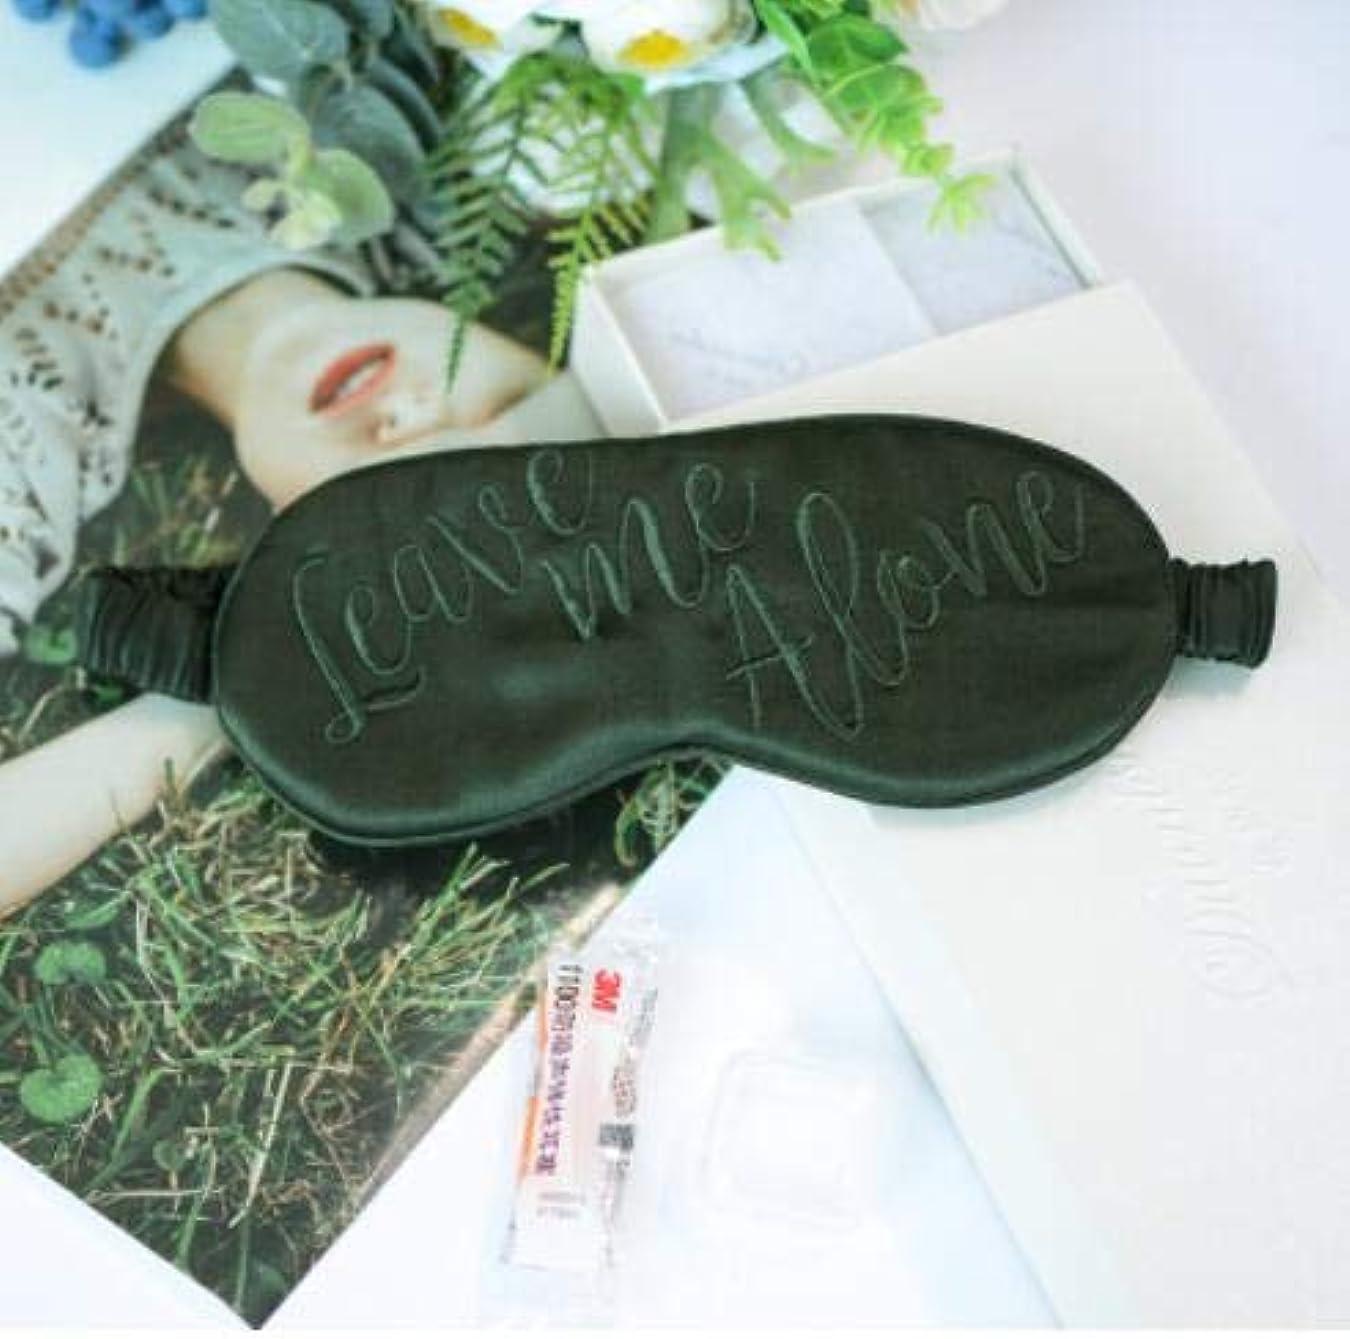 カジュアル論理的キネマティクスNOTE シルクアイマスク100%マルベリーシルク通気性アイシェード睡眠マスク